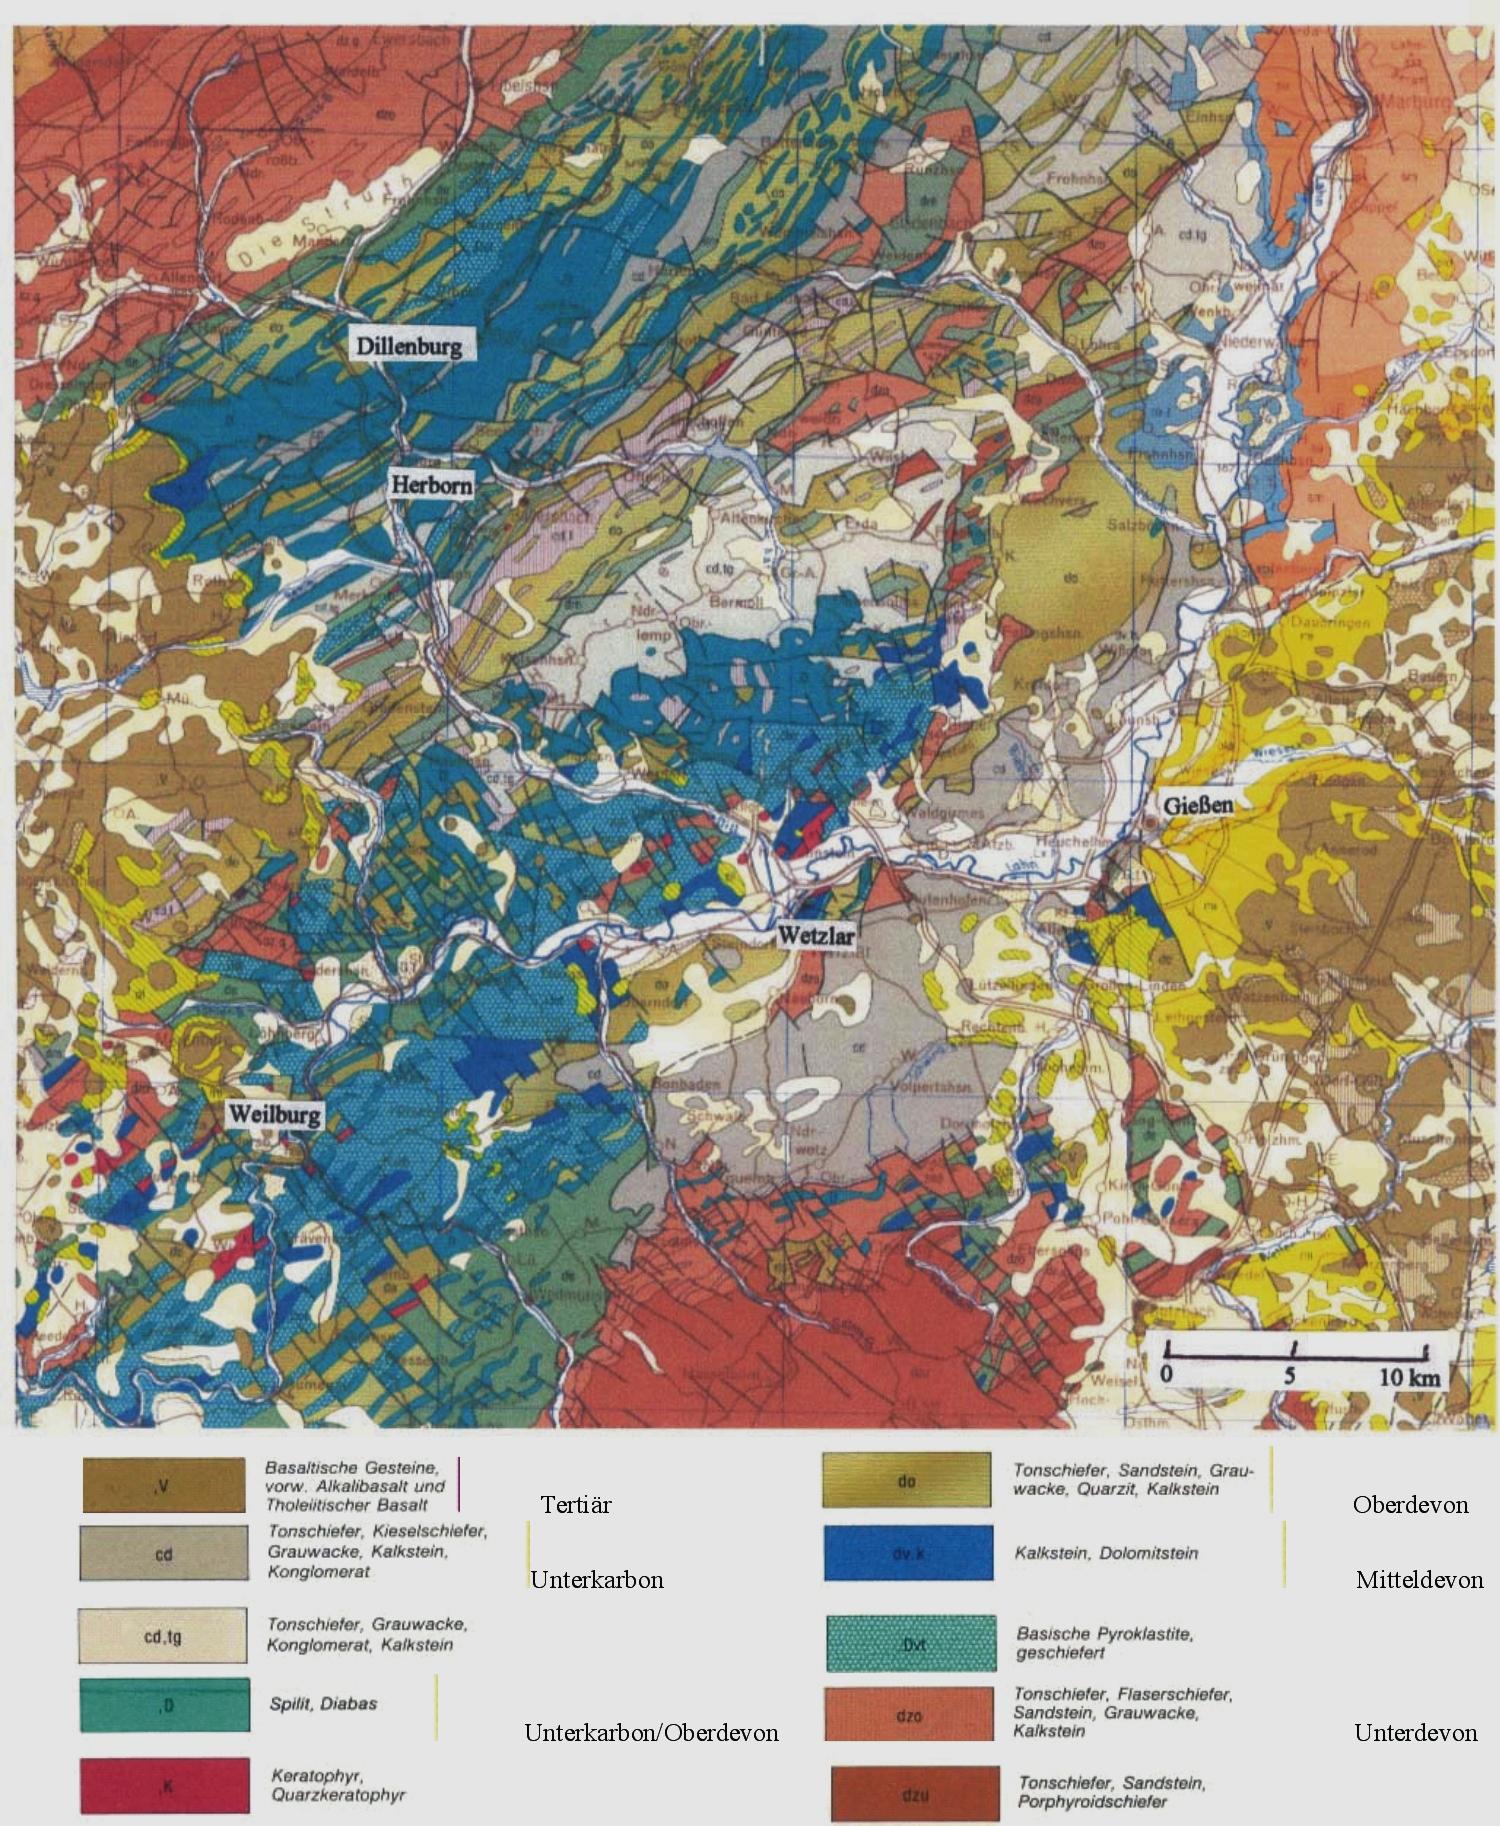 geologische karte hessen Geologie | Herborner Mineralienfreunde e.V. geologische karte hessen